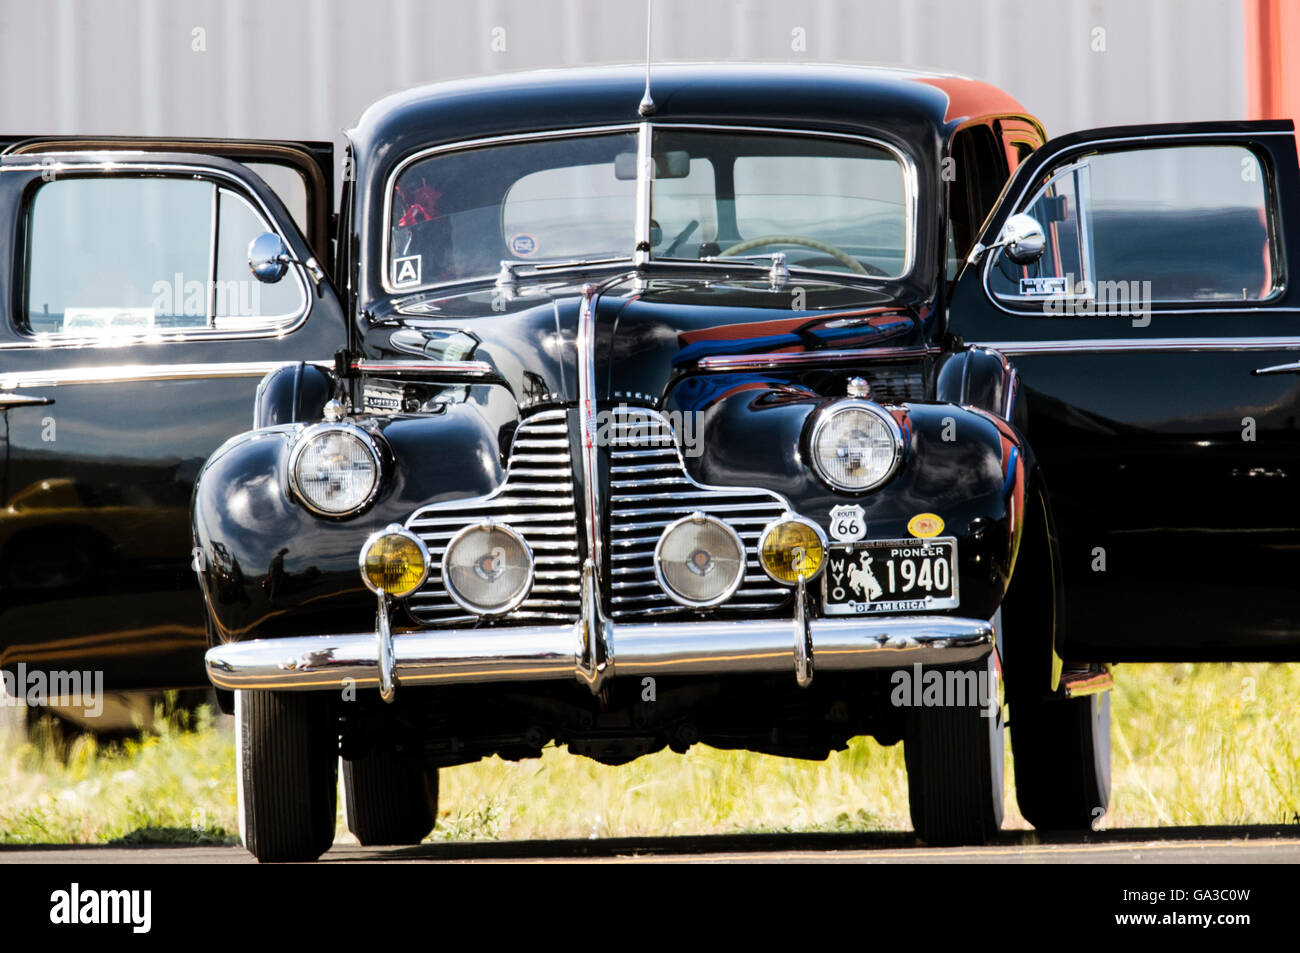 1940 Buick de automóviles antiguos en la salida Paseo del Arte con mosca en el evento; en el centro de Colorado, Imagen De Stock